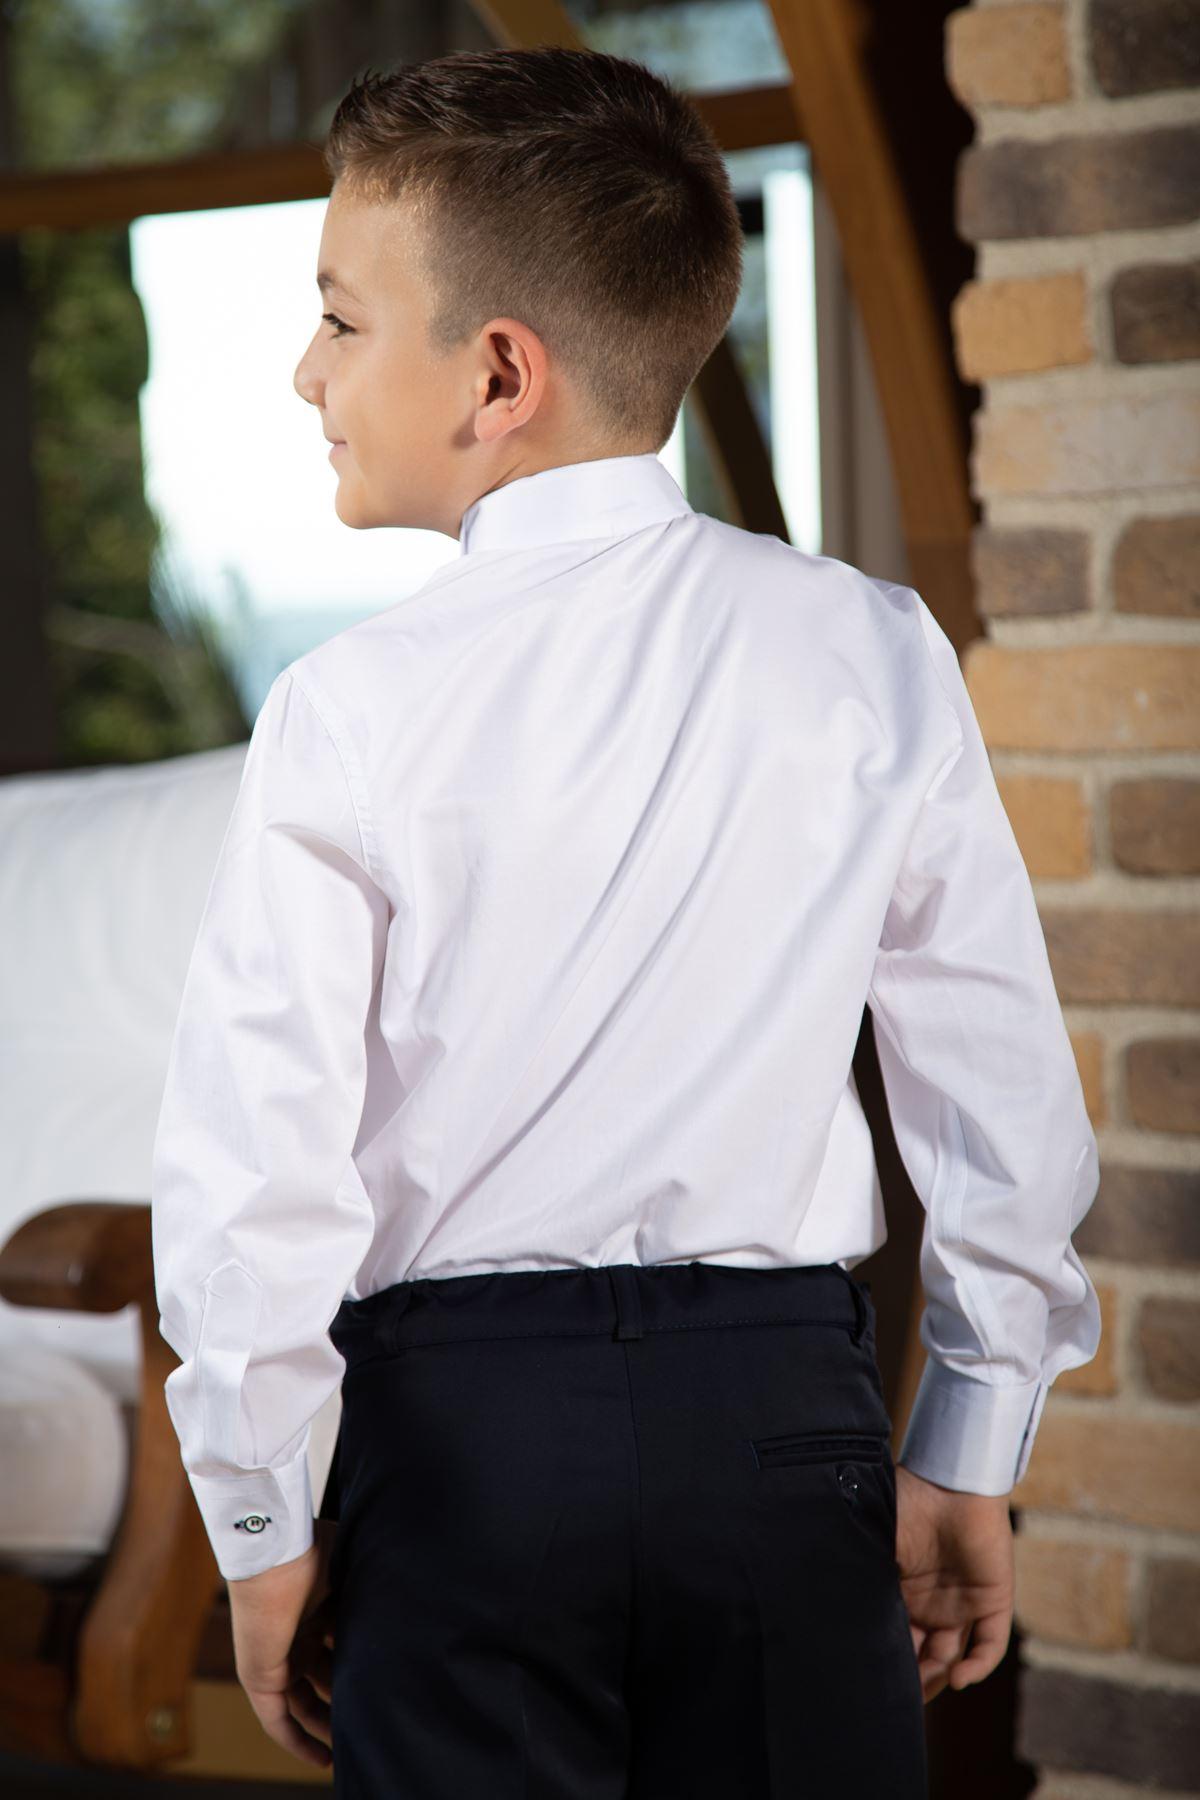 Κολάρο αλόγου, διπλή γραβάτα ναυτικού, λεπτομέρεια κεντήματος, πουκάμισο αγοριών 1006 Λευκό